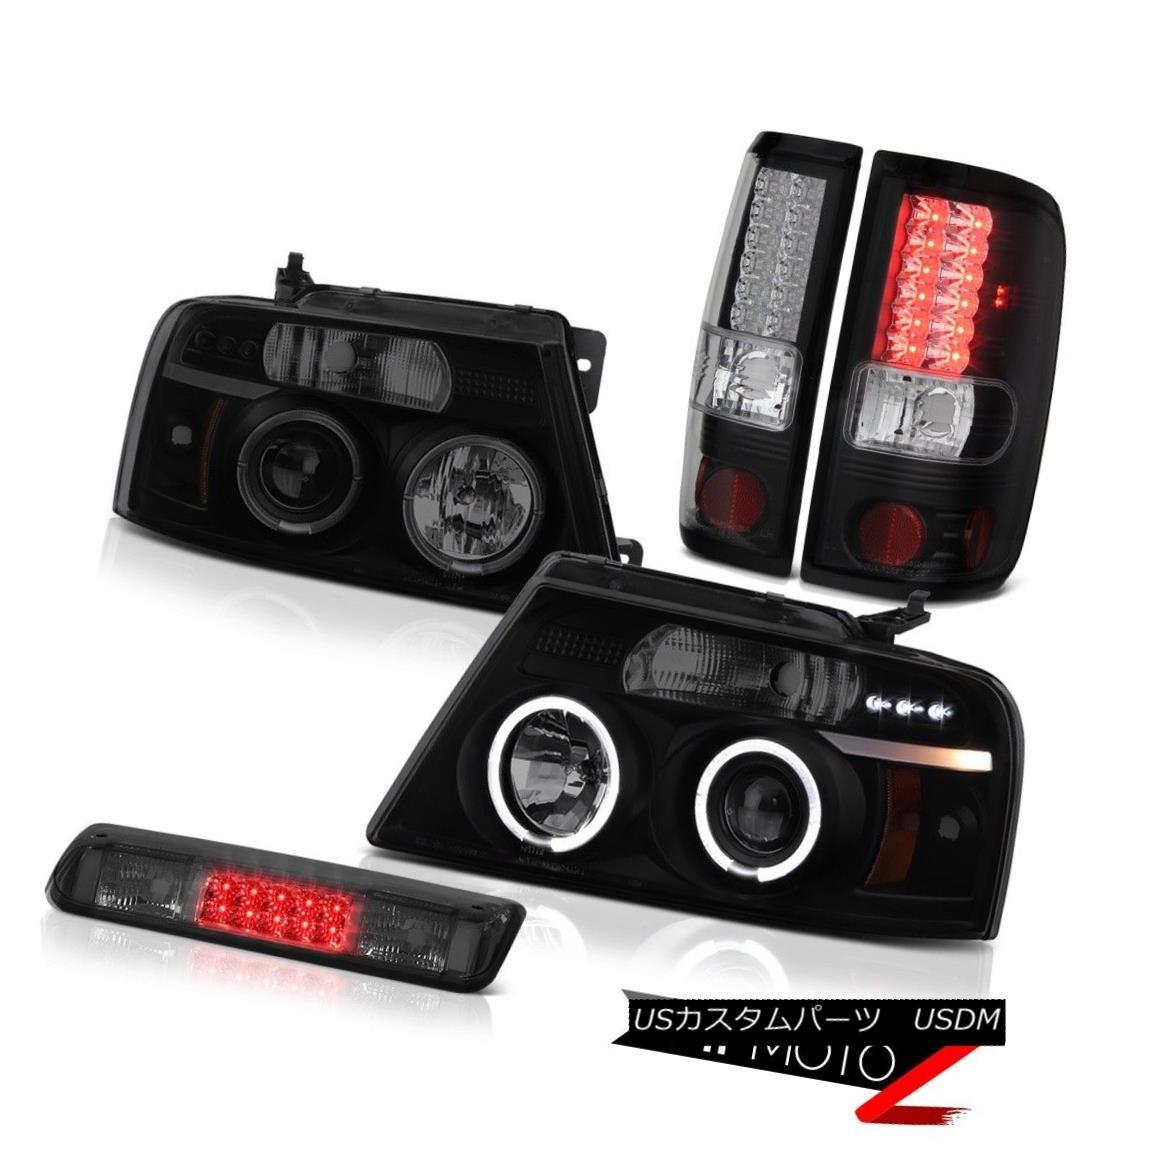 テールライト 04-08 Ford F150 XL Roof Brake Light Headlamps Parking Lights LED Dual Halo SMD 04-08 Ford F150 XLルーフブレーキライトヘッドランプパーキングライトLEDデュアルヘロSMD